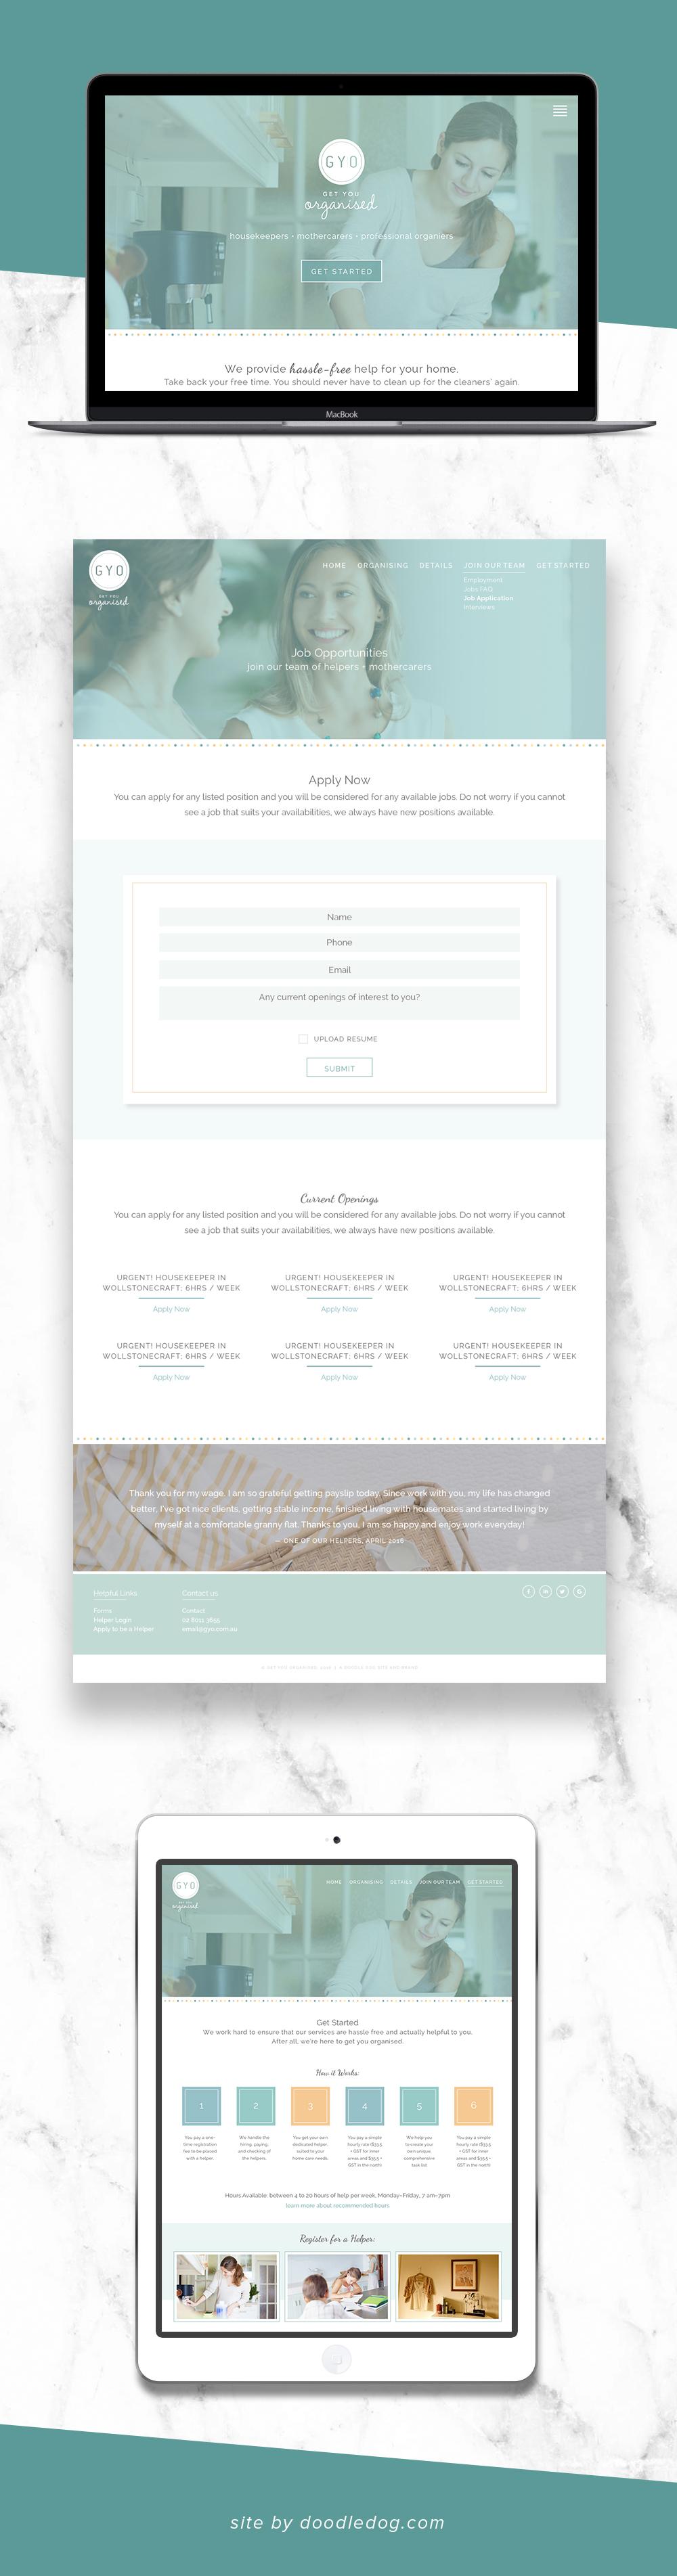 Web Designing in Austin